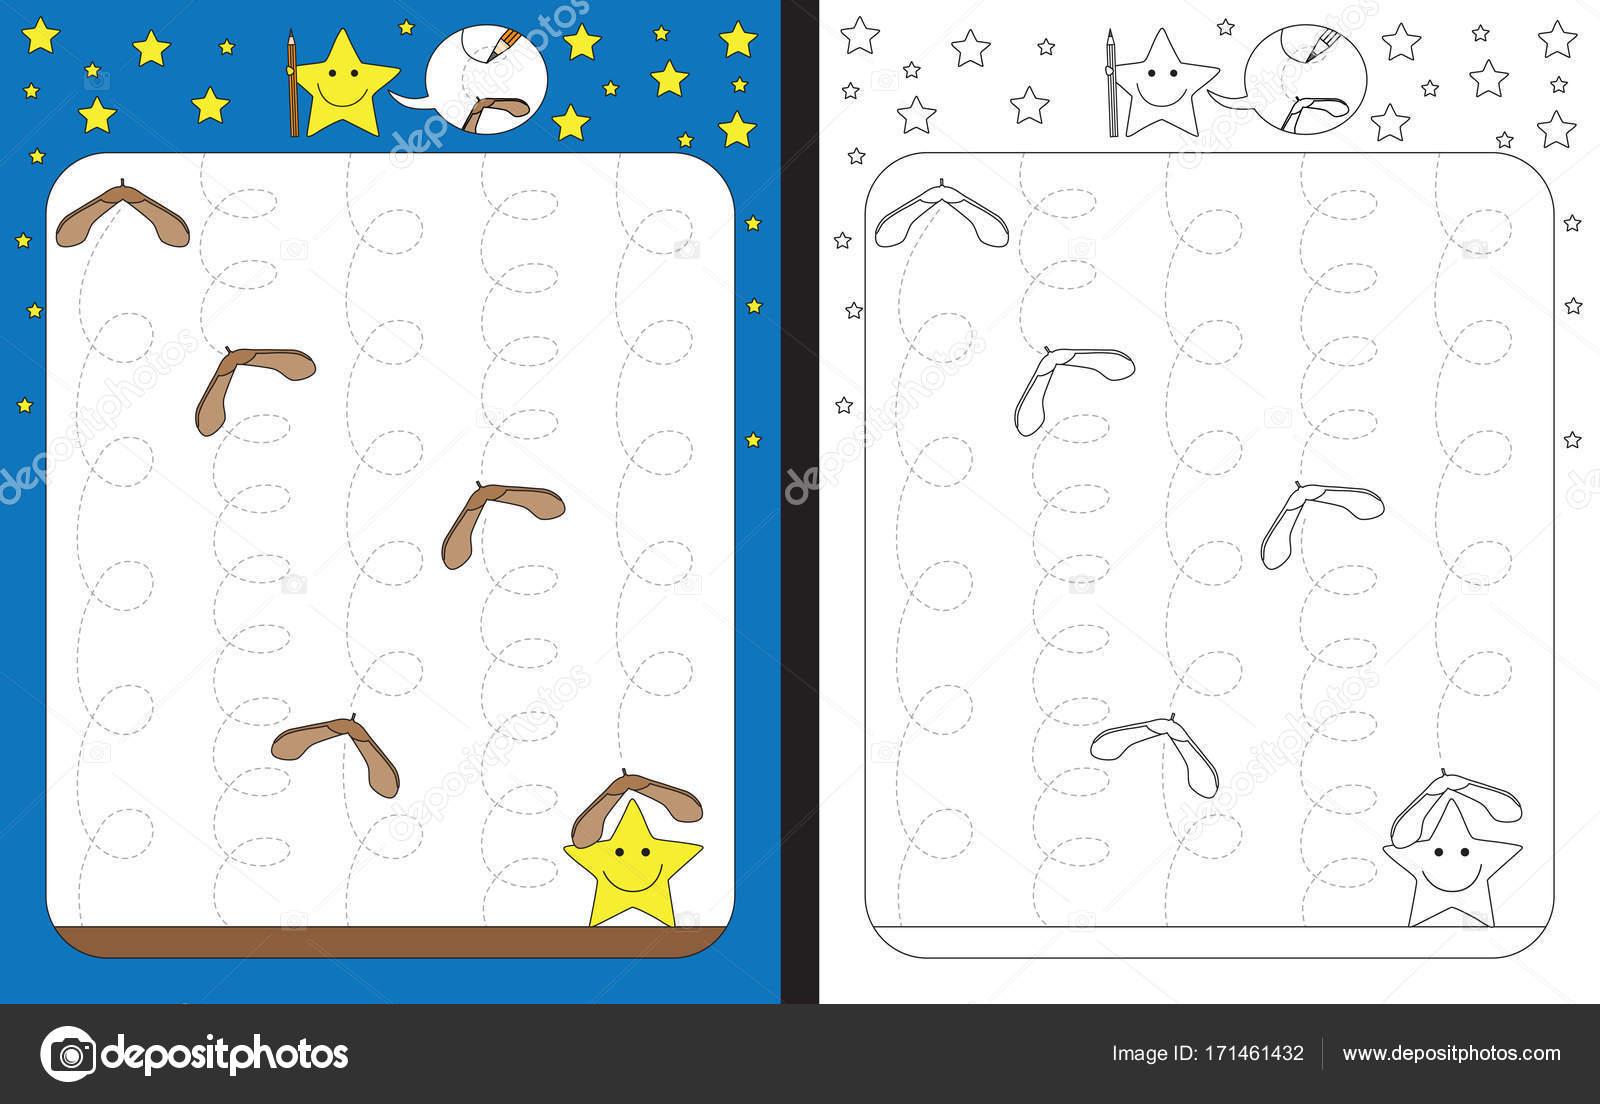 Illustratd Vorschule Arbeitsblatt — Stockvektor © nahhan #171461432